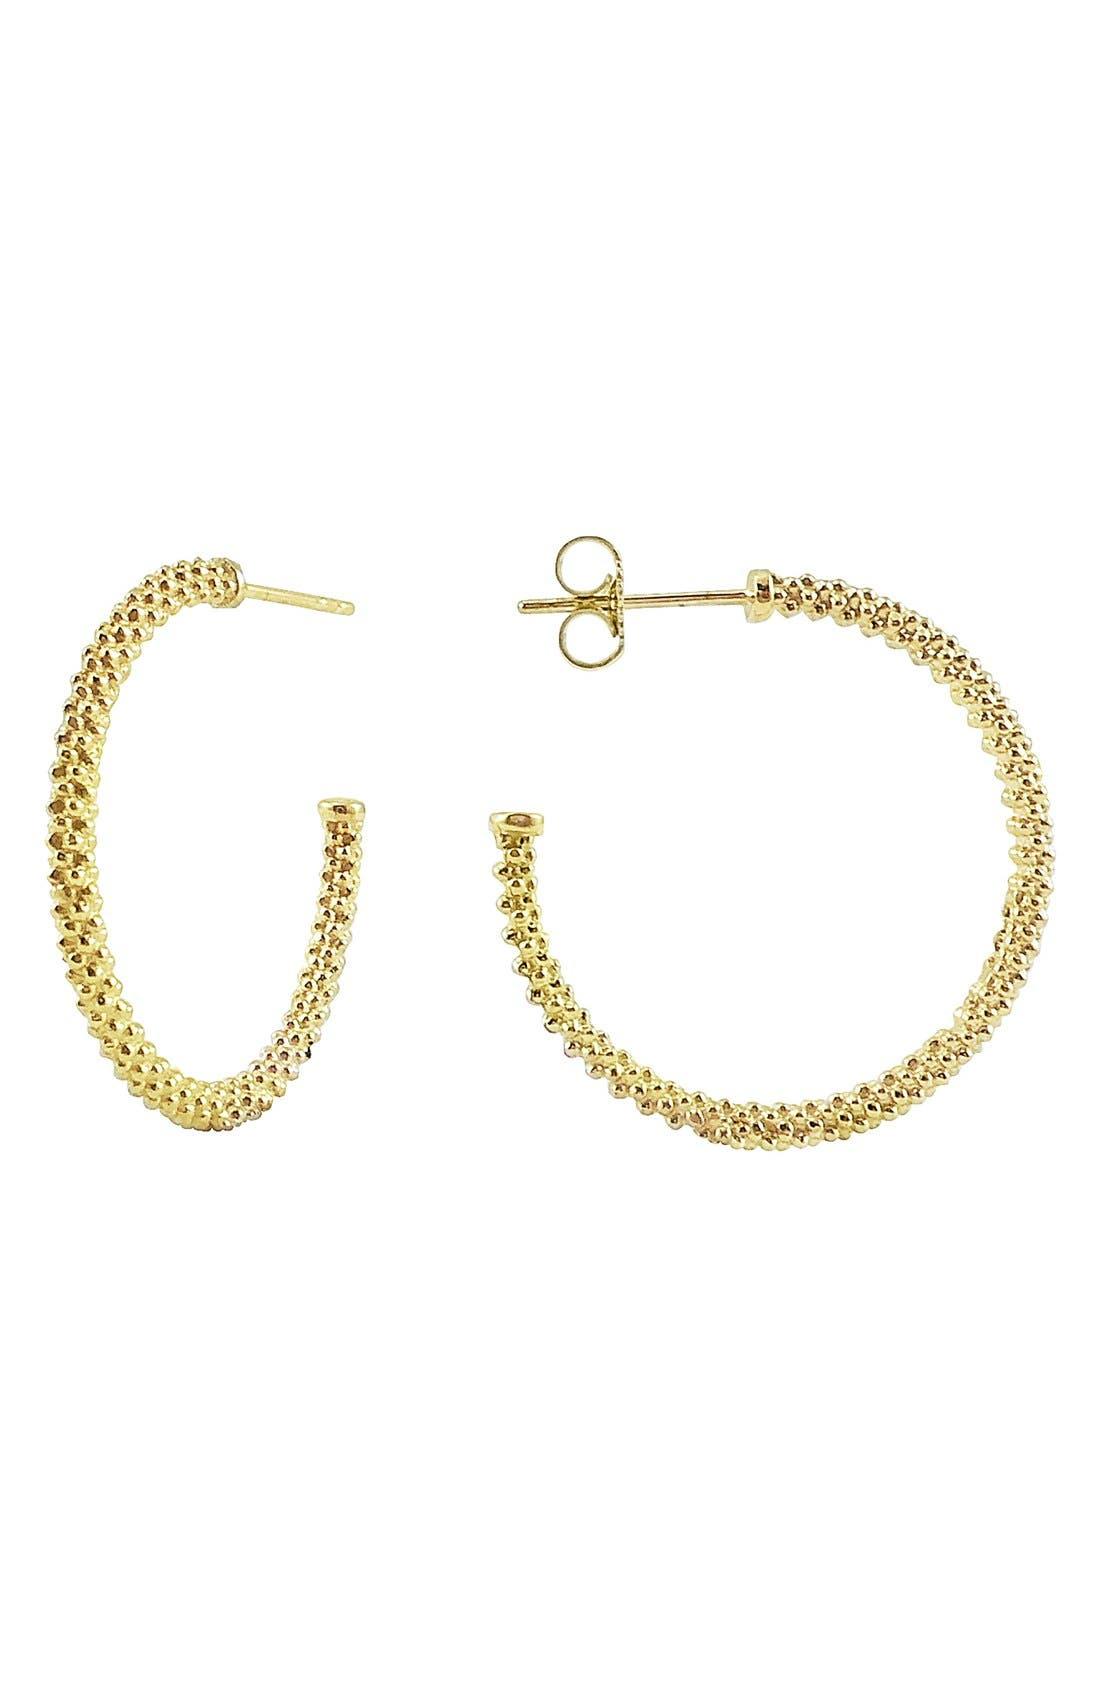 Caviar Hoop Earrings,                             Main thumbnail 1, color,                             Gold